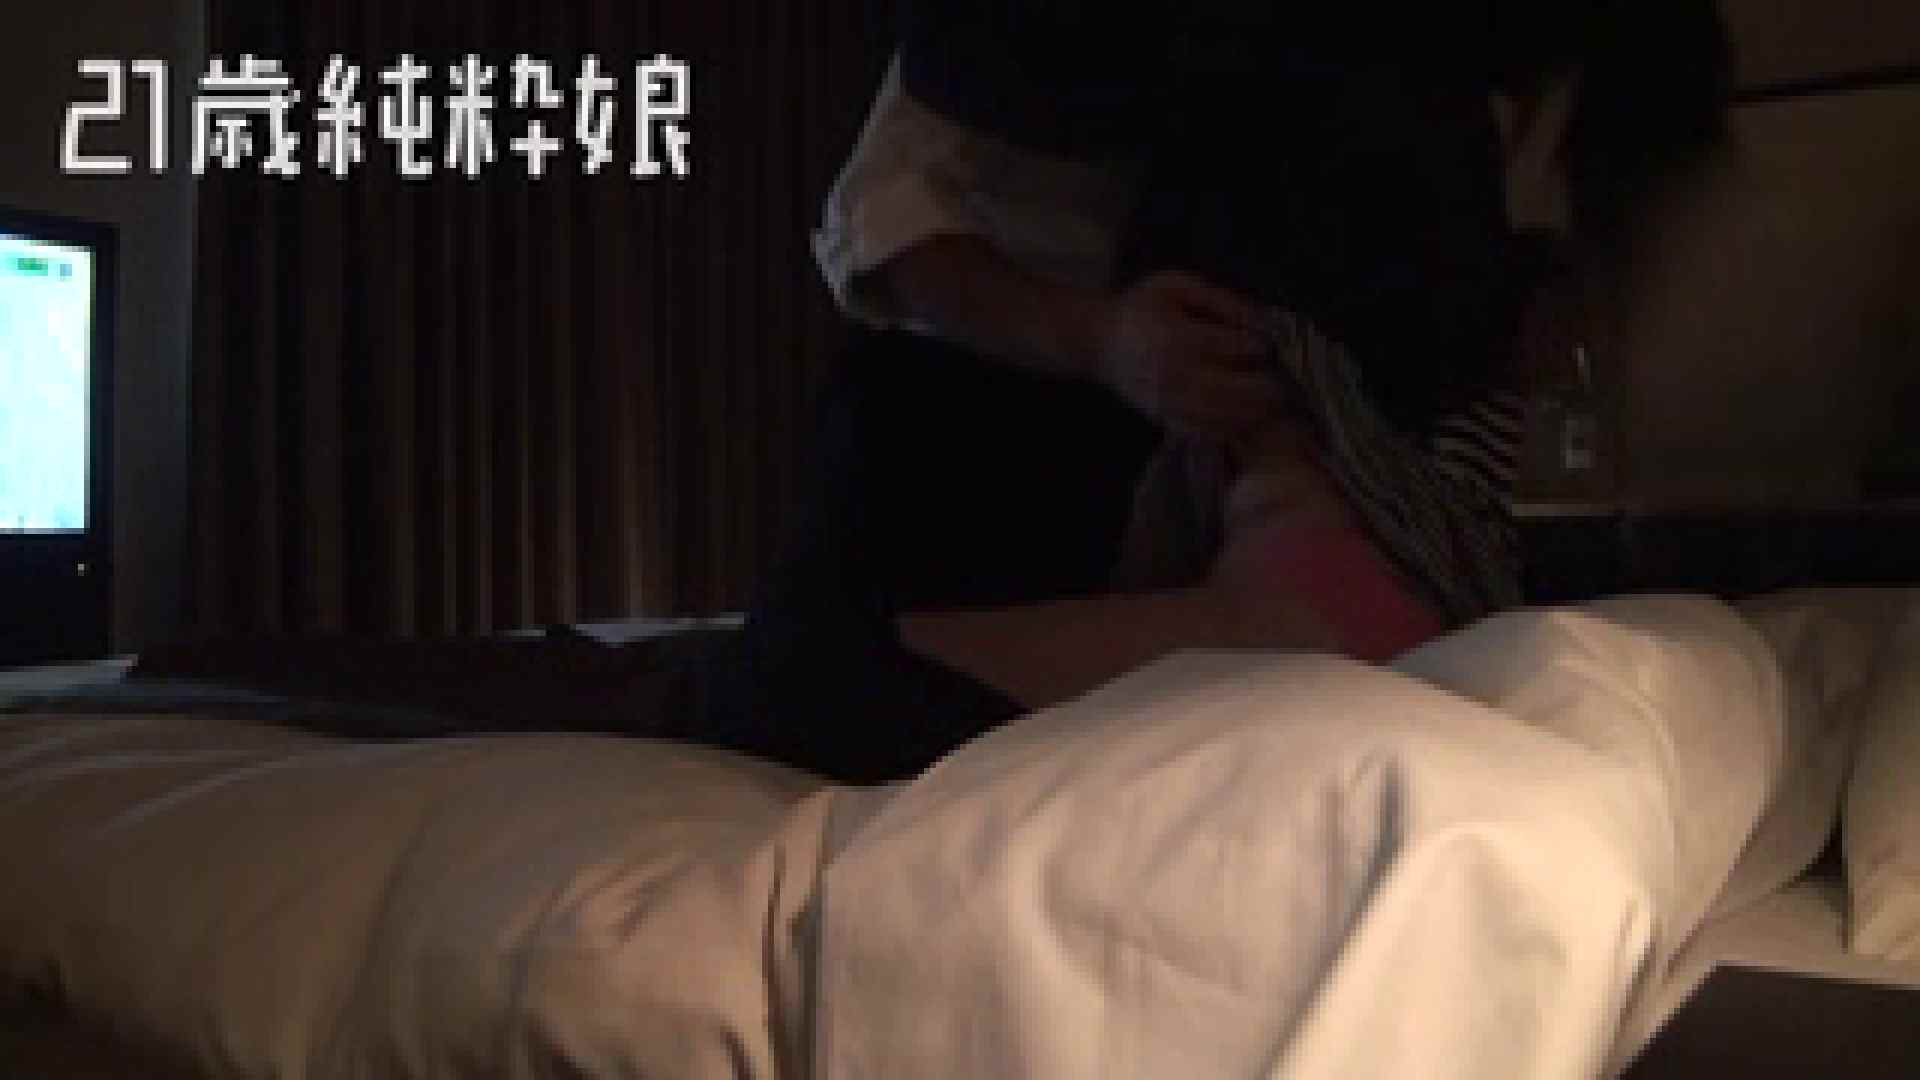 上京したばかりのGカップ21歳純粋嬢を都合の良い女にしてみた4 一般投稿 スケベ動画紹介 89枚 17